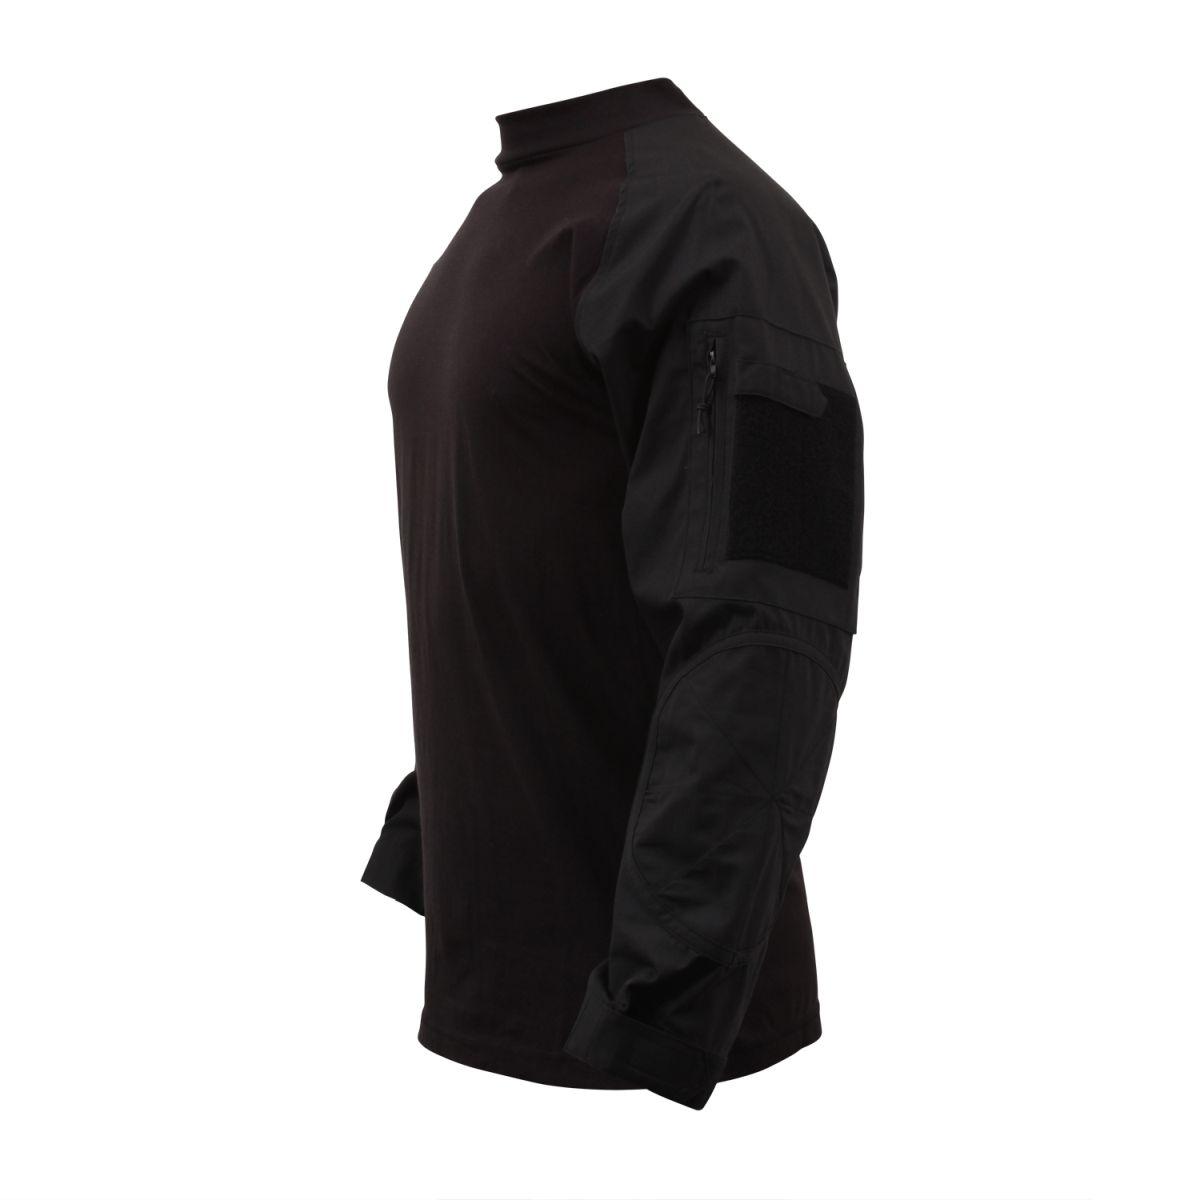 Košile COMBAT taktická ČERNÁ ROTHCO 90010 L-11